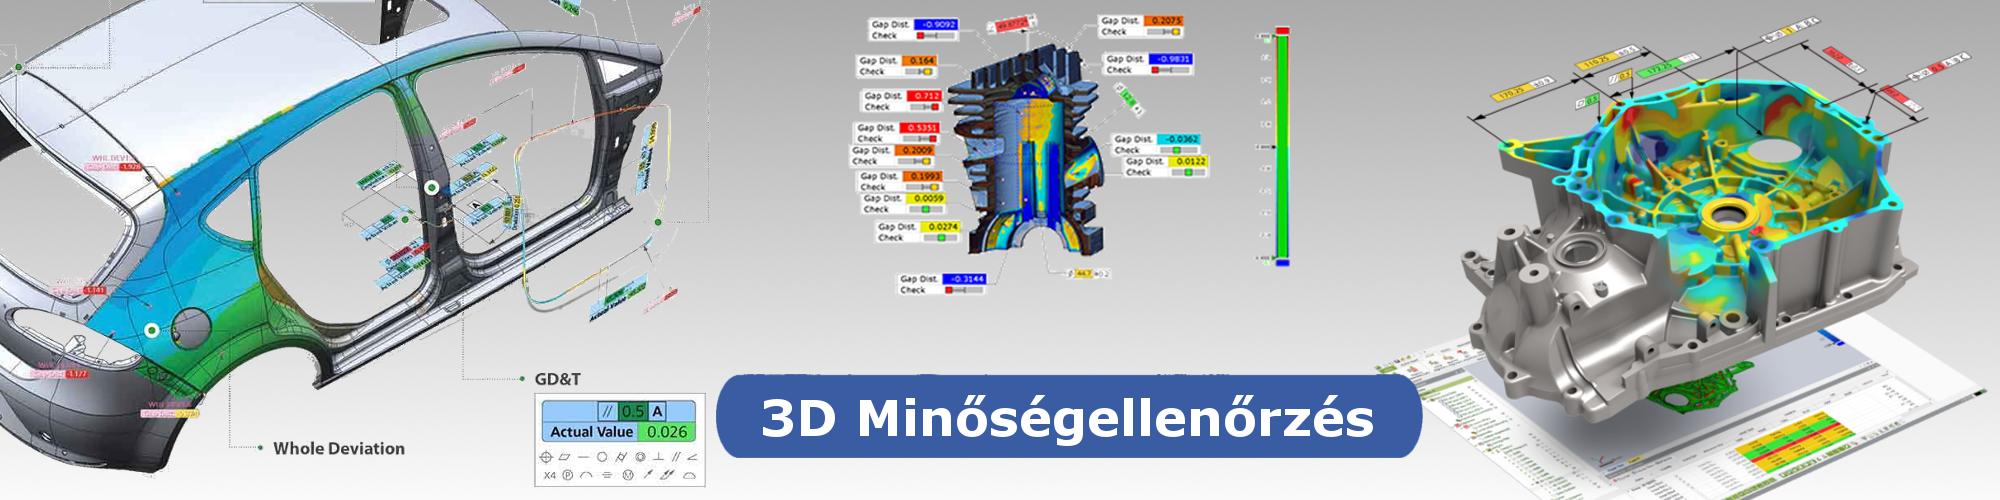 3D_minosegellenorzes_002_03